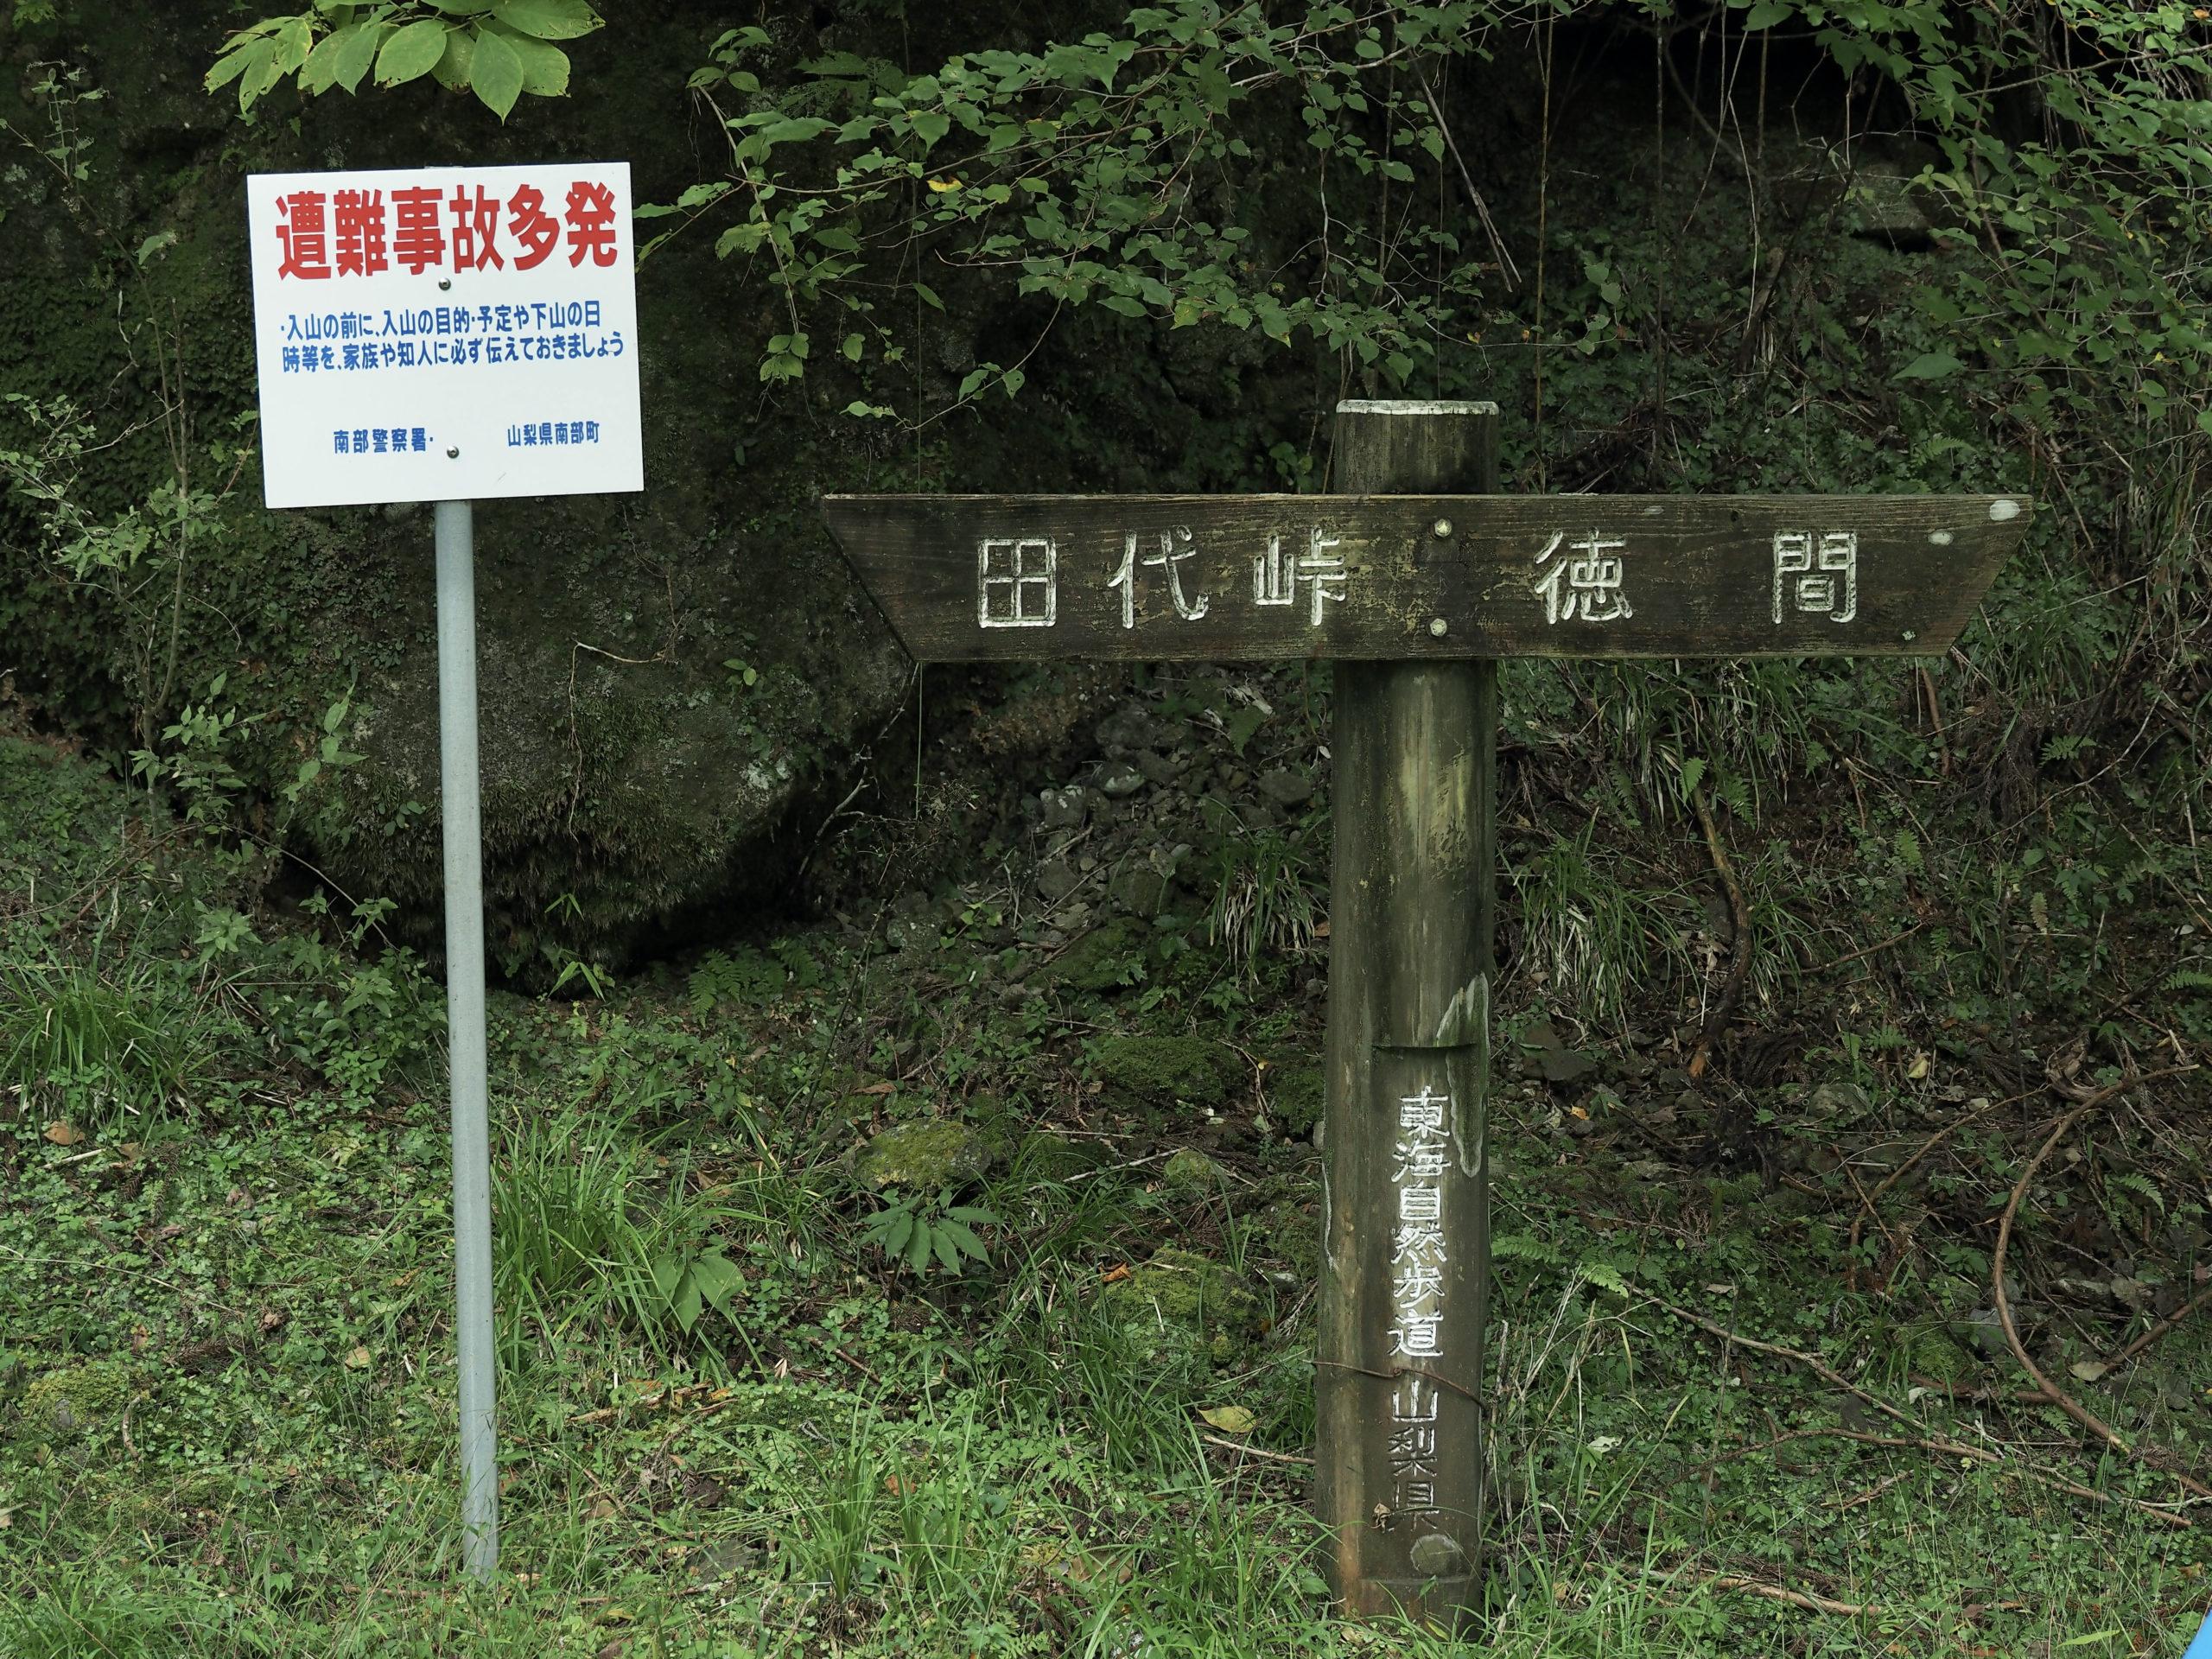 山梨県 奥山温泉